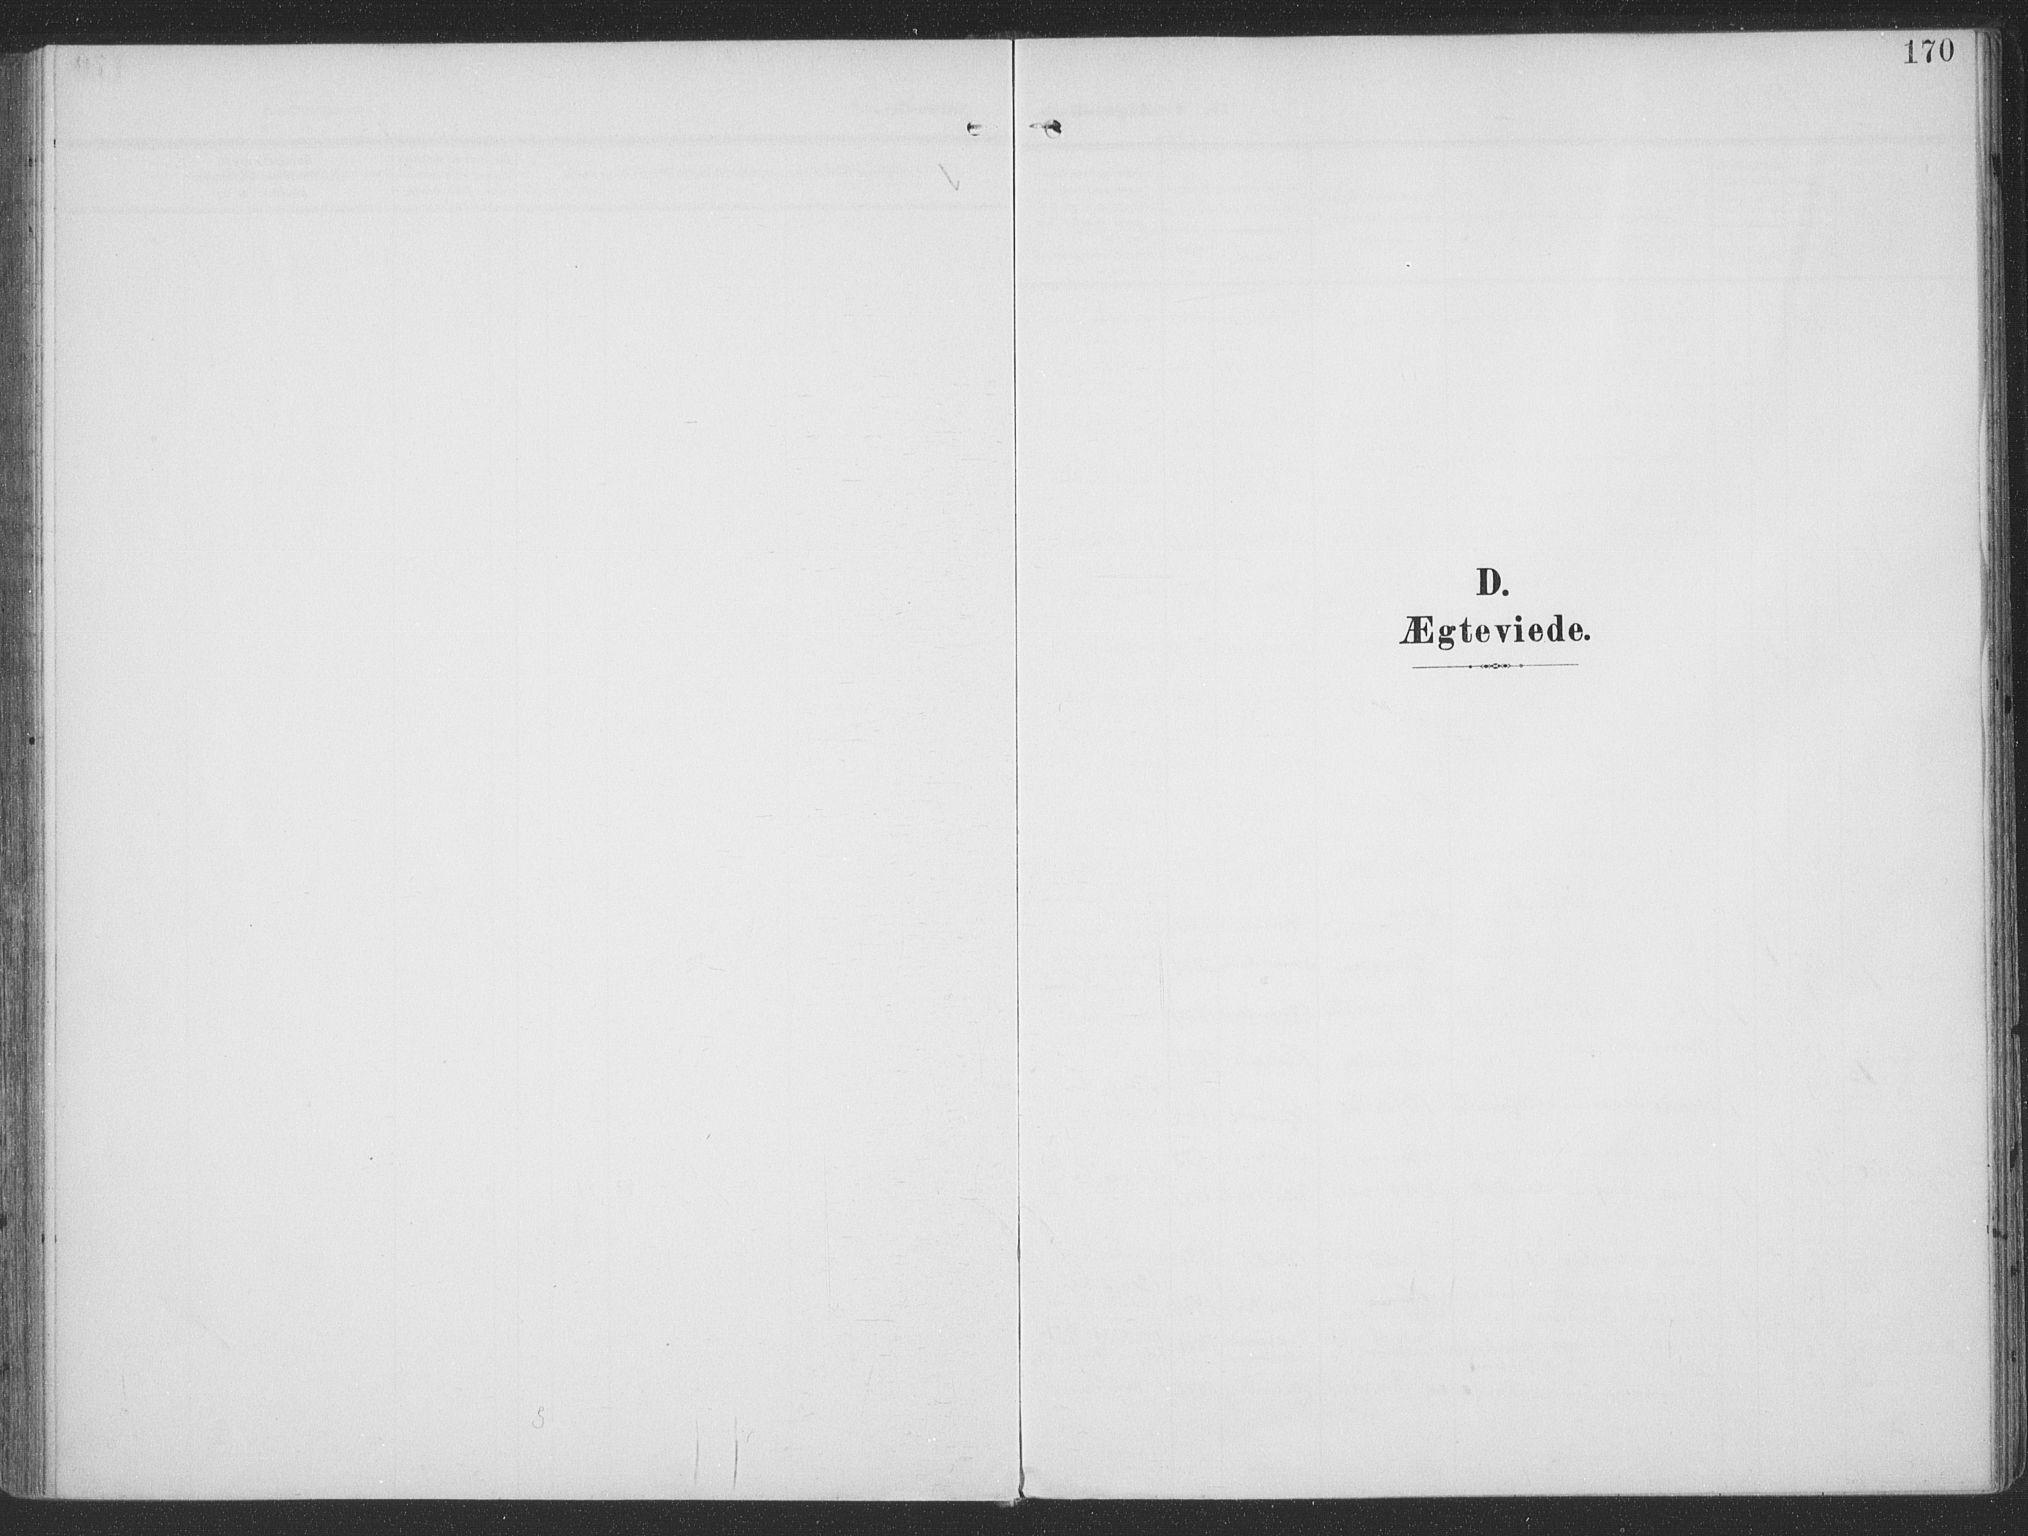 SAT, Ministerialprotokoller, klokkerbøker og fødselsregistre - Møre og Romsdal, 513/L0178: Ministerialbok nr. 513A05, 1906-1919, s. 170